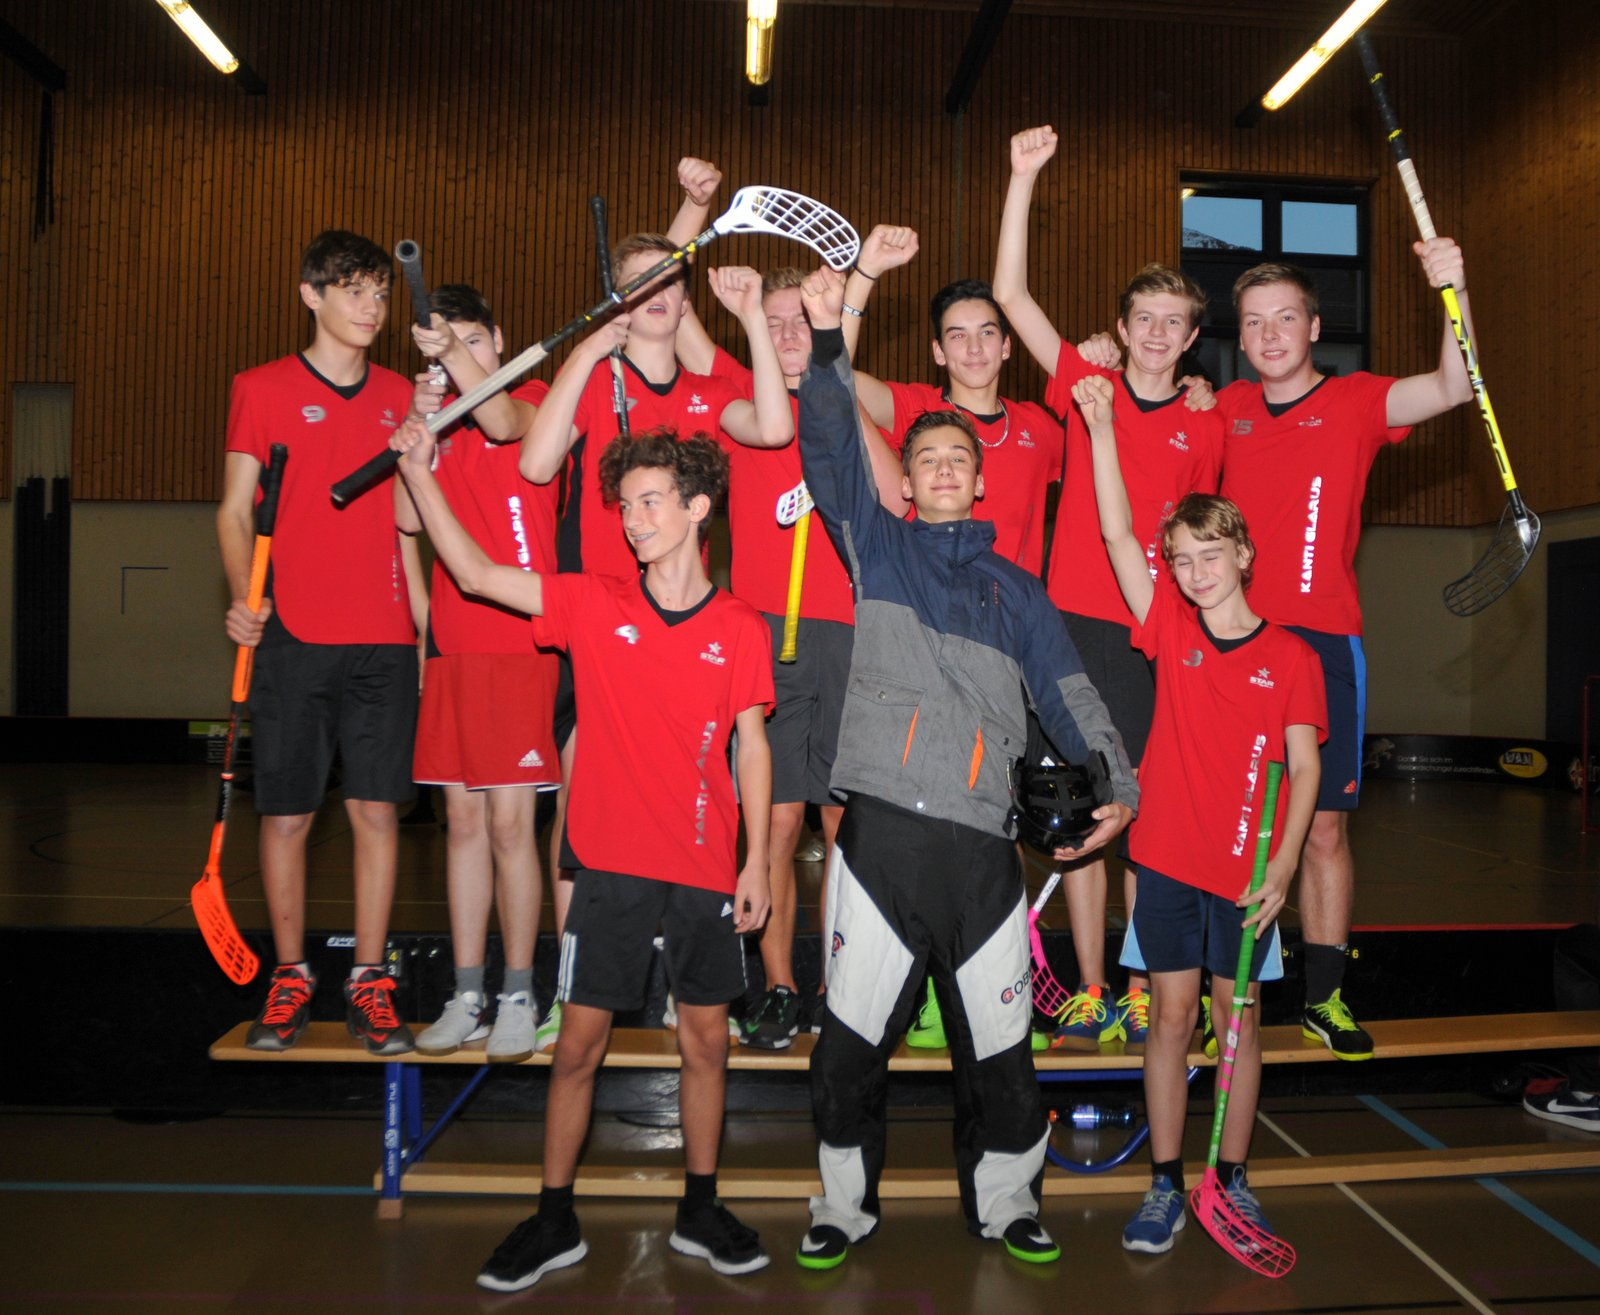 Nov. 17: Die glücklichen Sieger im Unihockey-Turnier von der Kanti Glarus